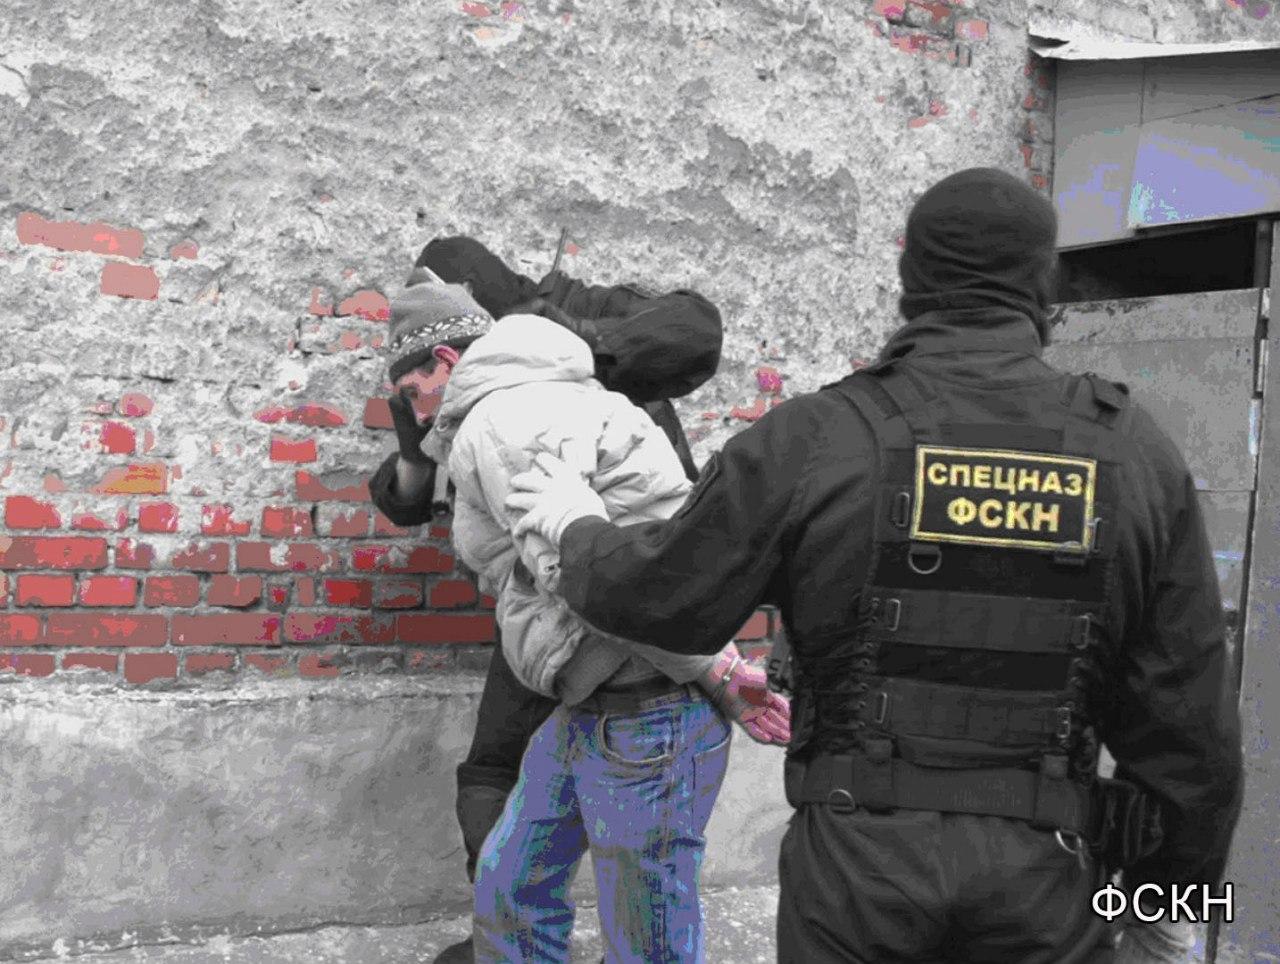 В Таганроге наркополицейские задержали организованную преступную группу, снабжавшую наркотиками местных жителей